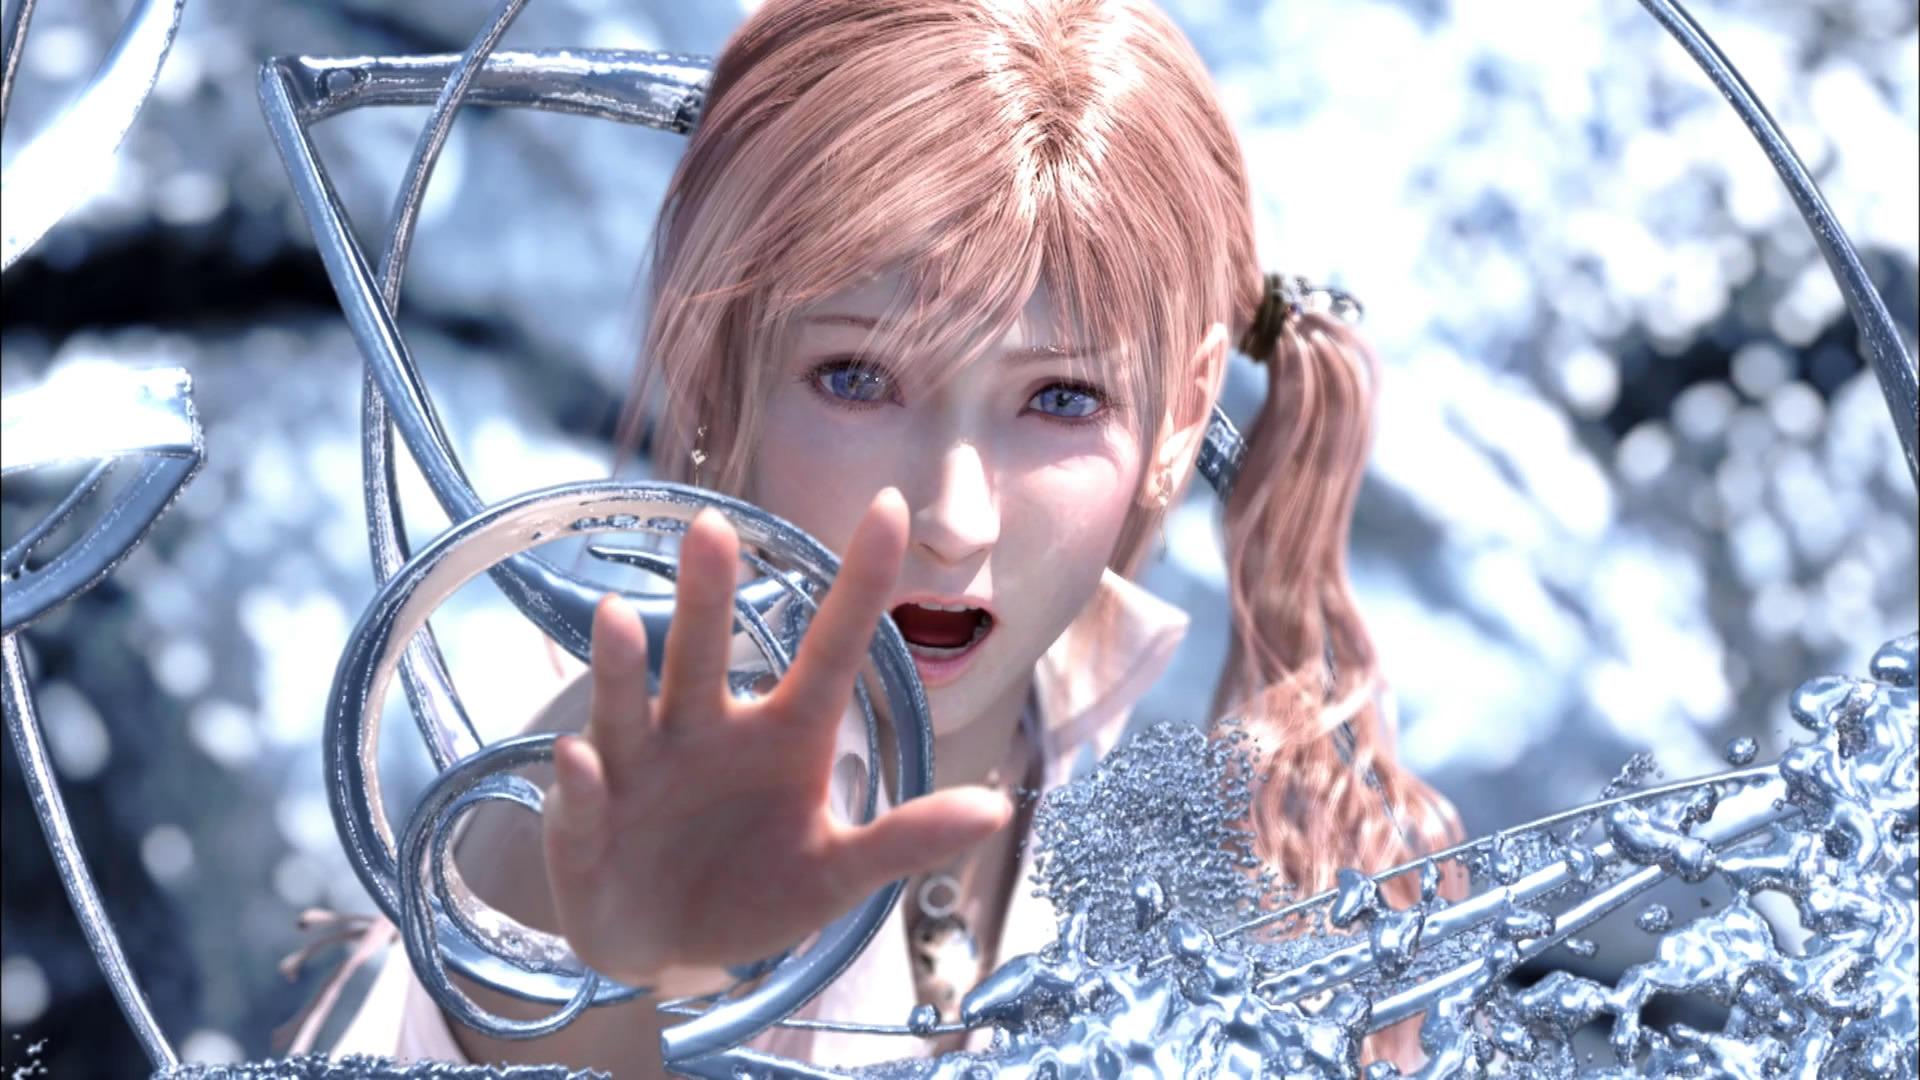 final fantasy  fond d'écran hd  jeu fond d'écran v fond d